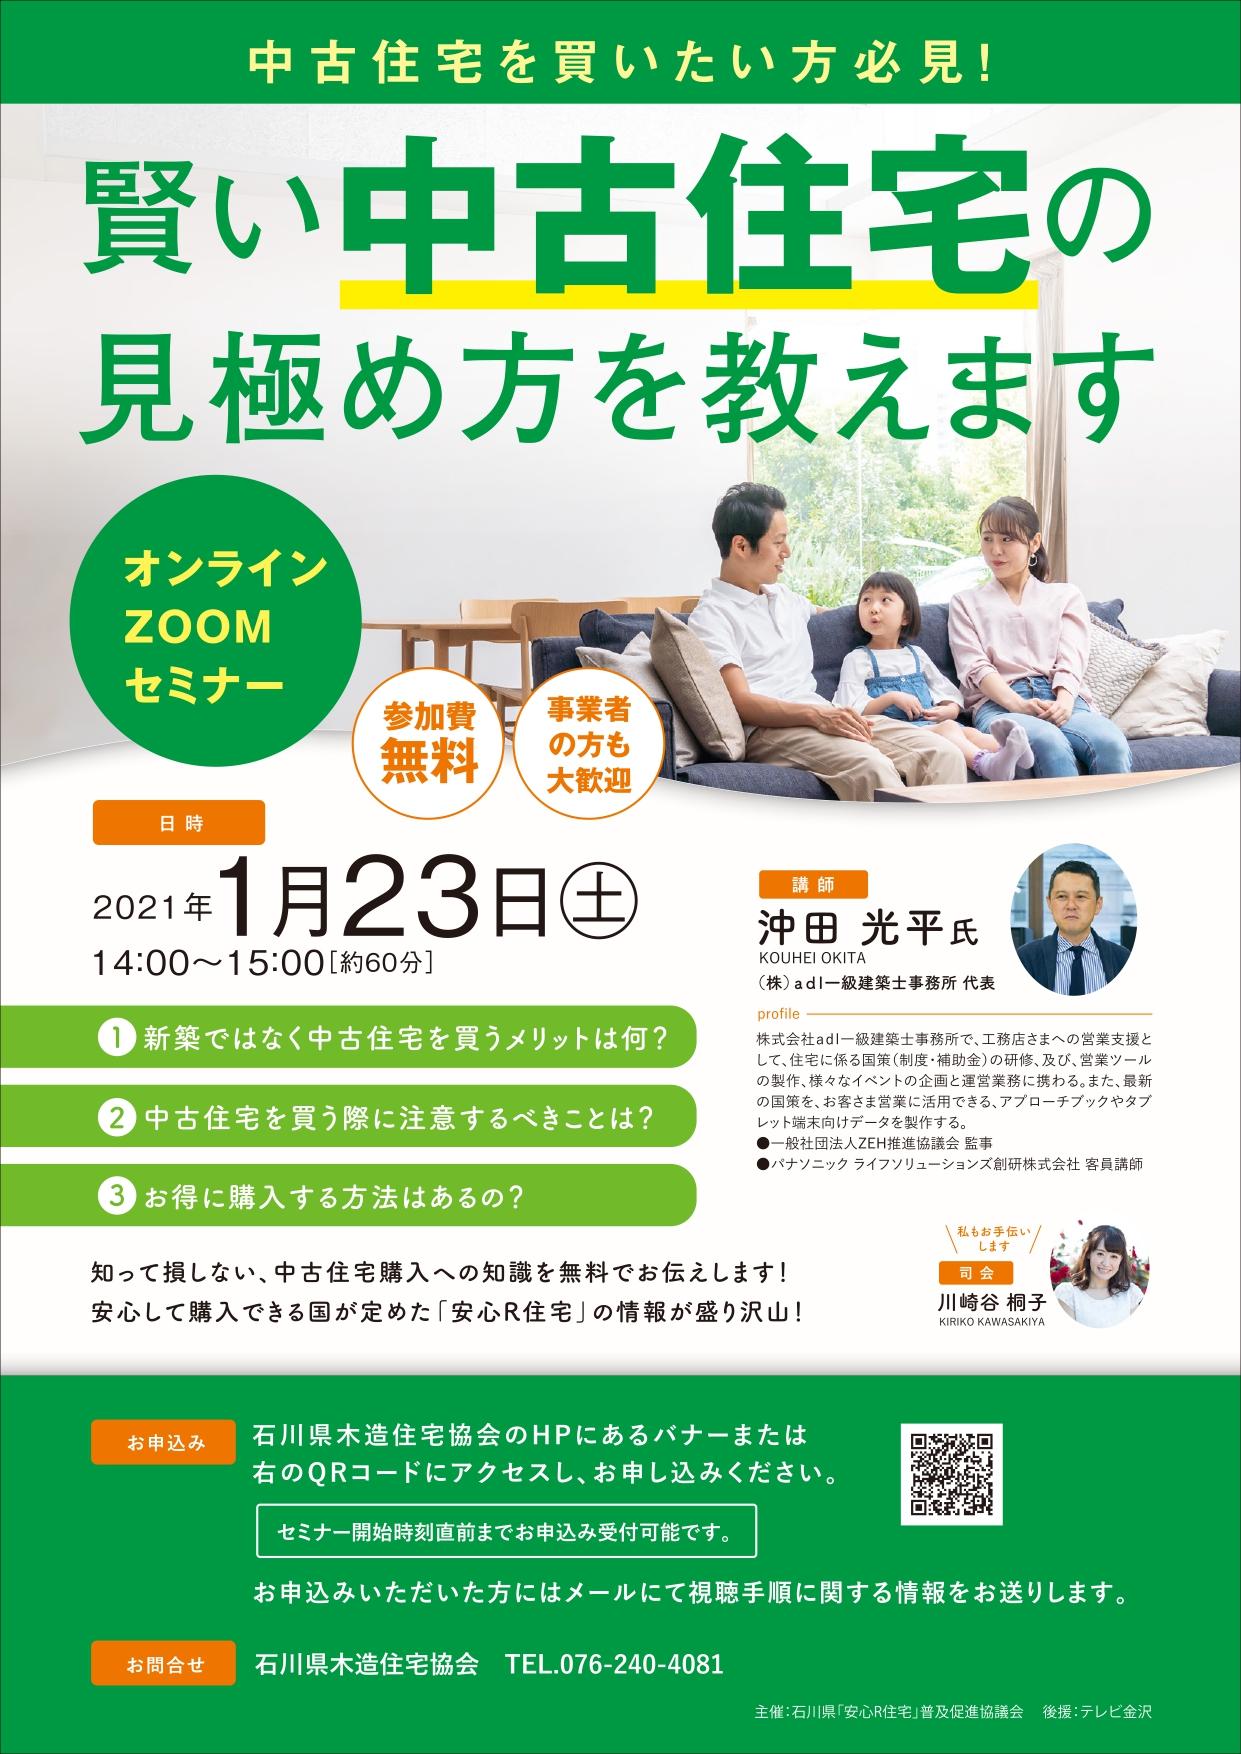 「中古住宅の見極め方」オンラインセミナー